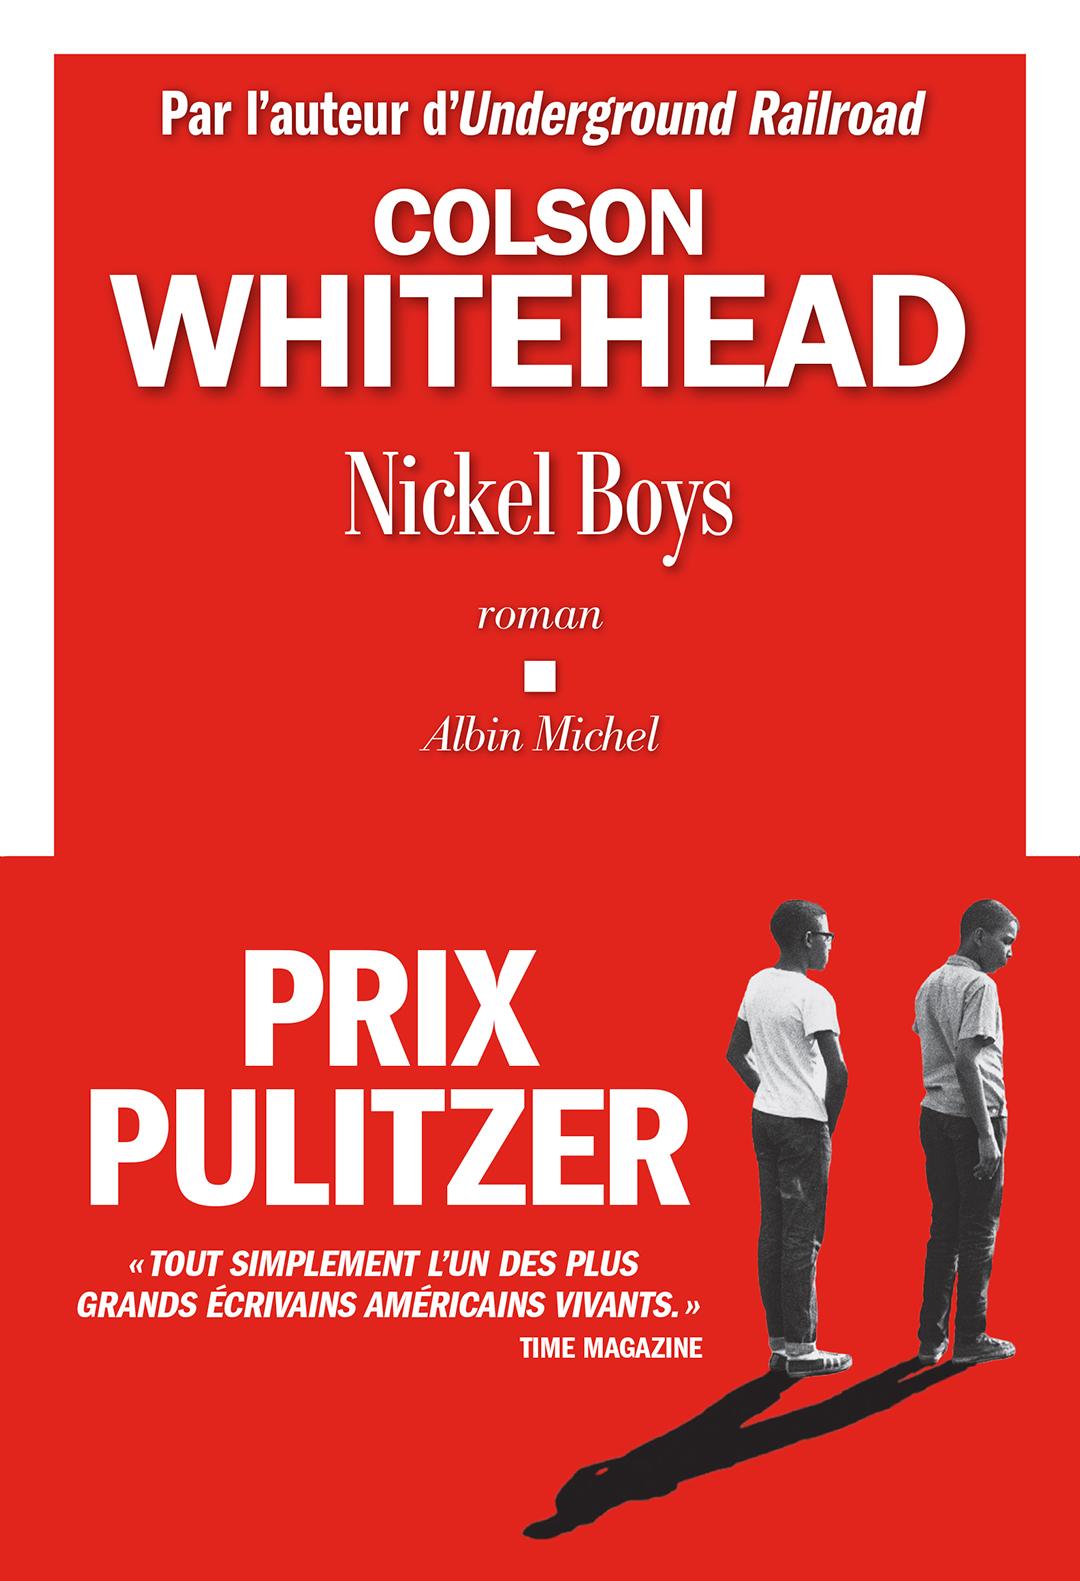 «Nickel Boys», de Colson Whitehead, a été traduit en français par Charles Recoursé. Il est paru aux éditions Albin Michel et coûte 19,90 euros pour 272 pages.